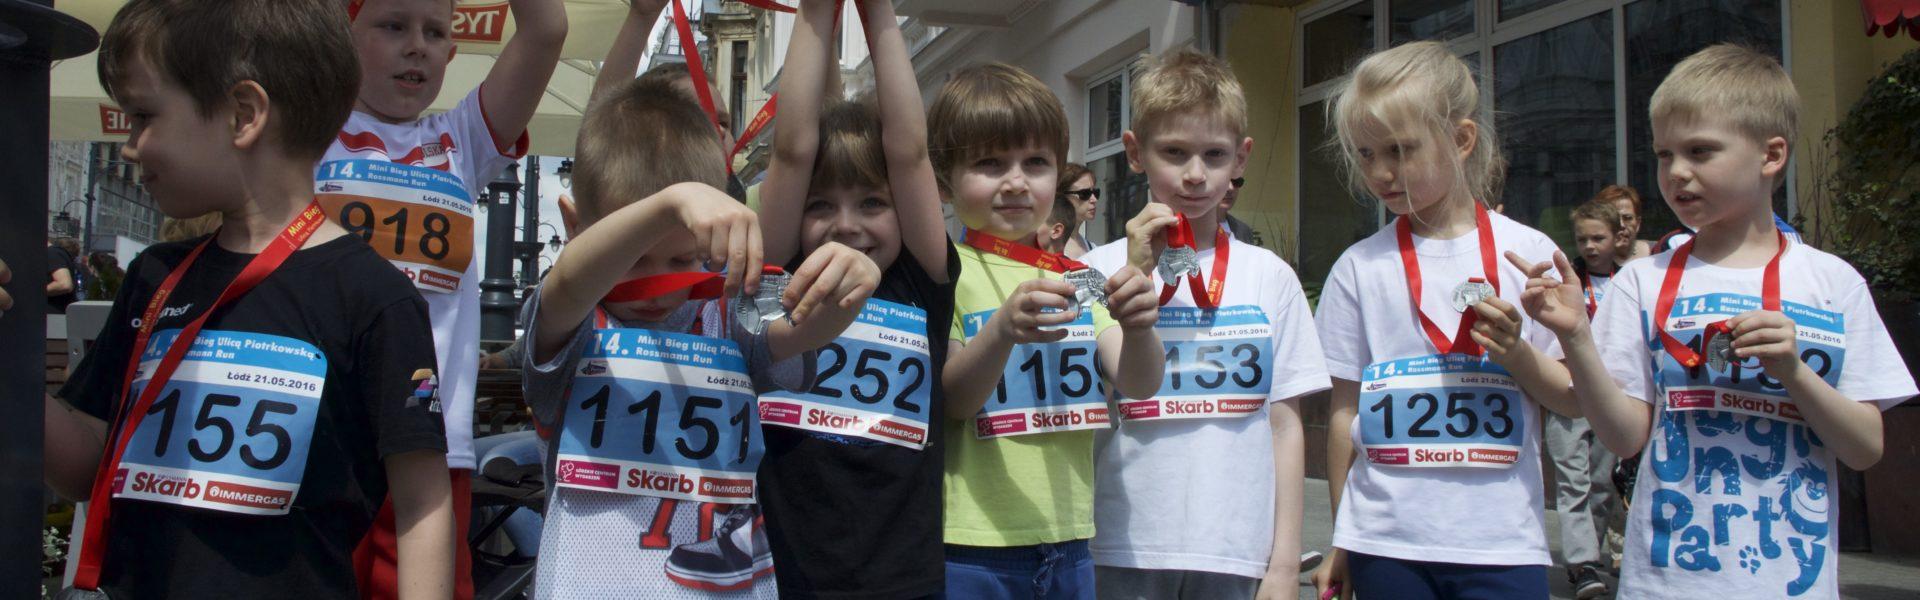 Zachęcamy do udziału w Mini Biegu Ulicą Piotrkowską Rossmann Run